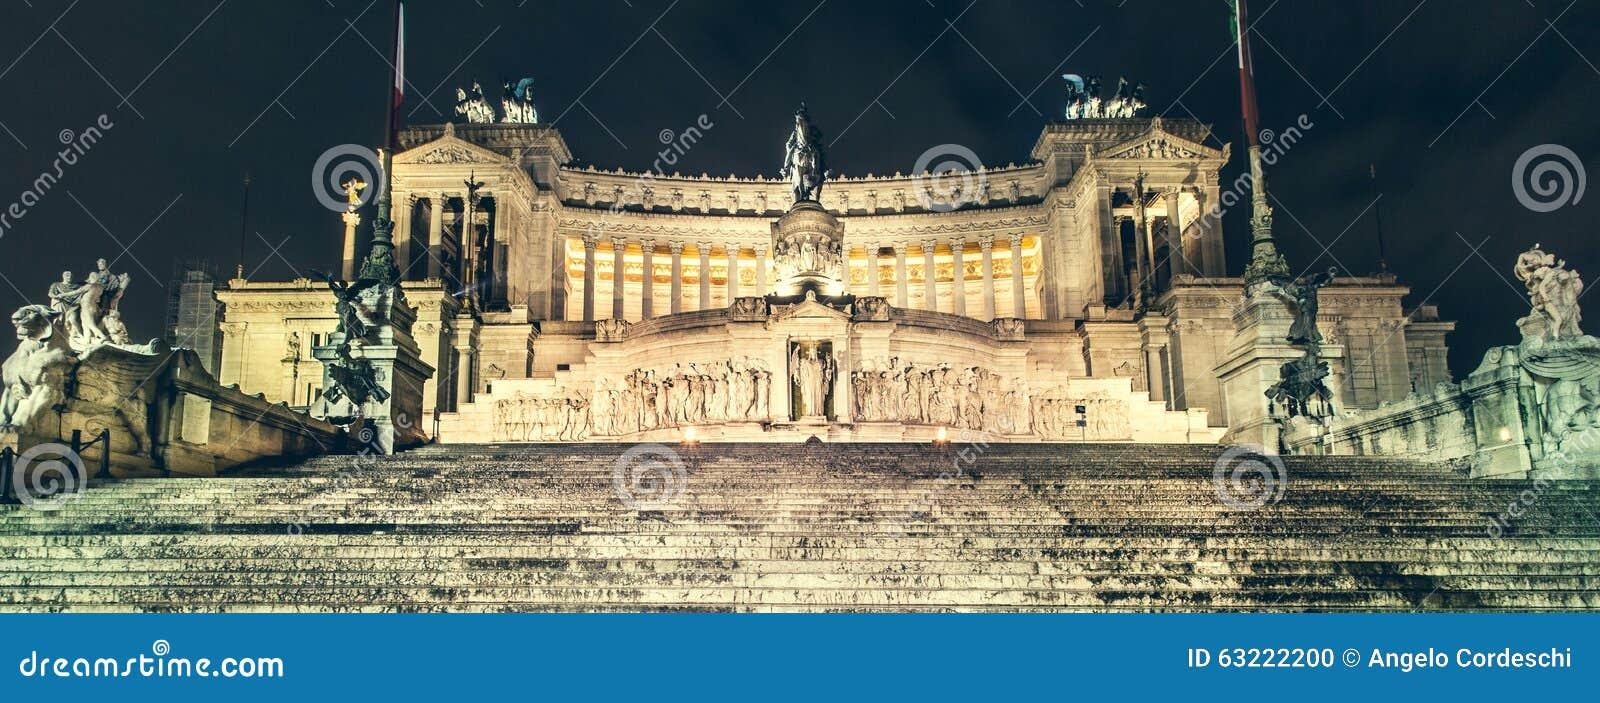 Рим, аркада Venezia, алтар отечества (Vittoriano)